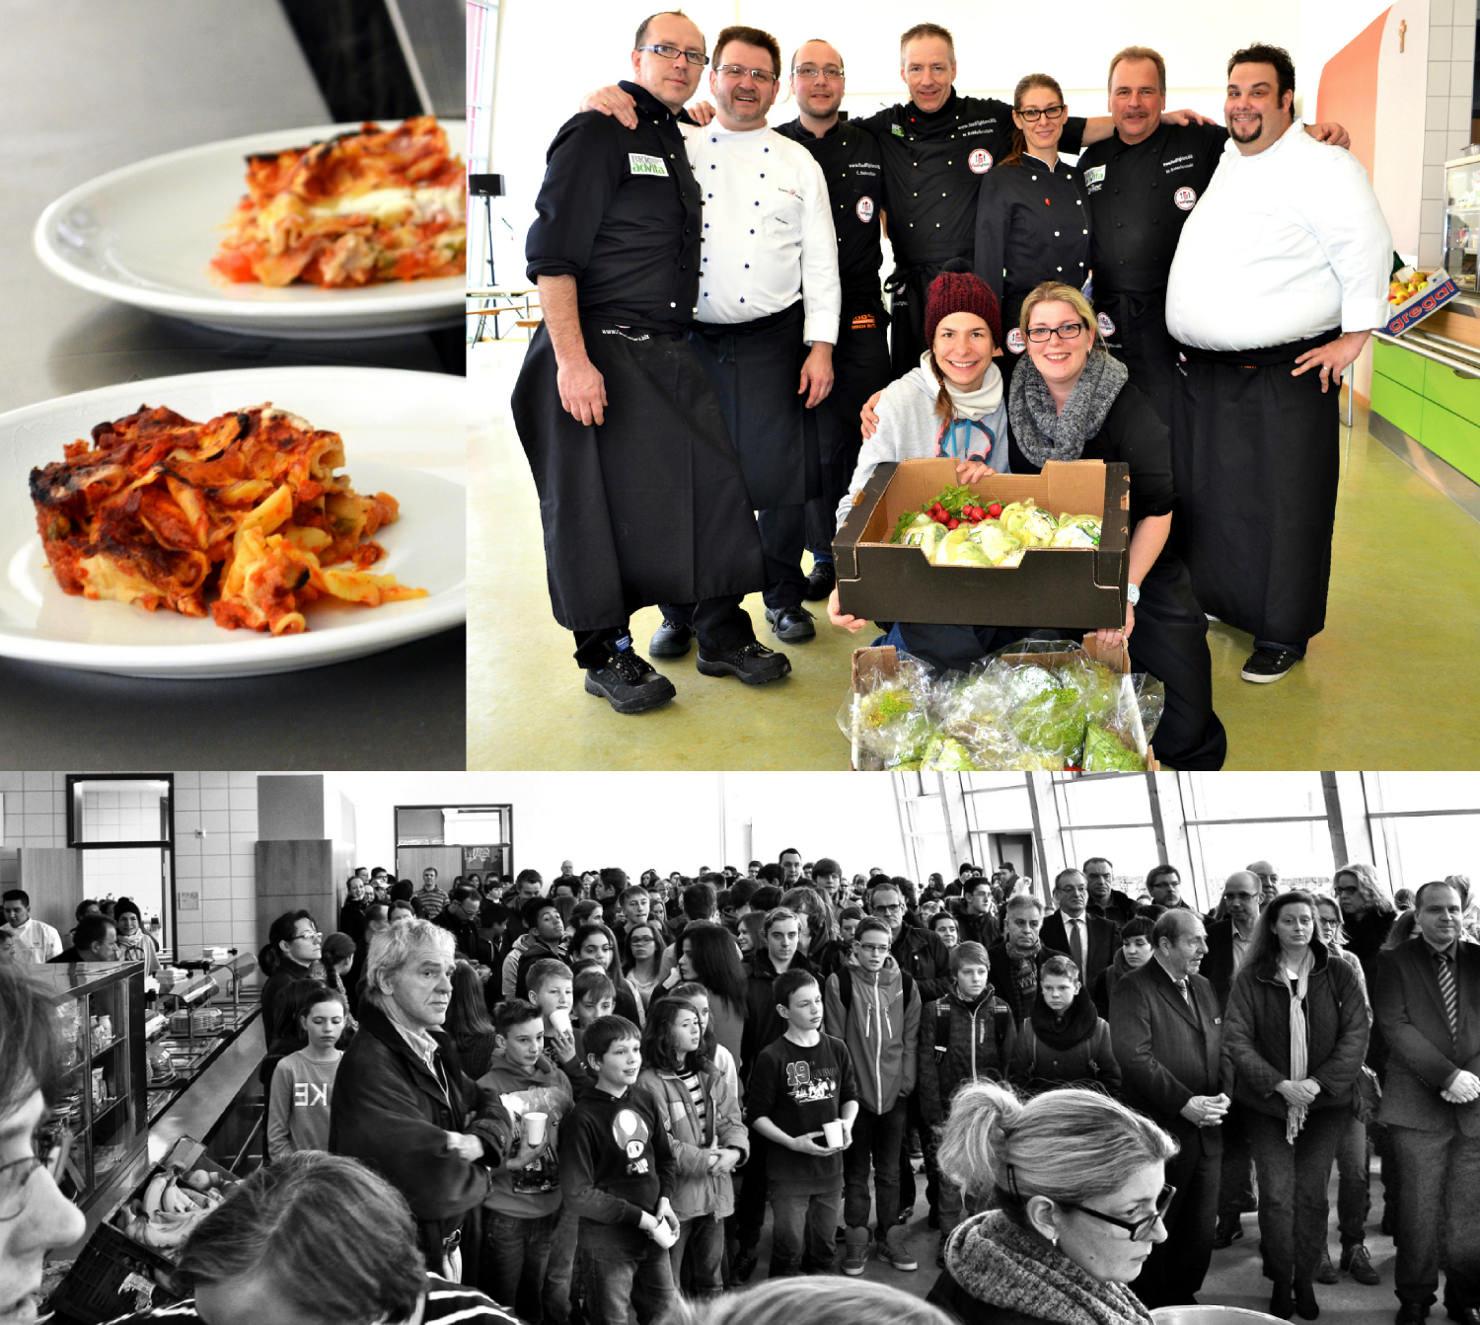 Die FoodFighter Michael Schieferstein, Andreas Schieferstein und Christian Schneider organisierten die große Kochshow in der IGS Emmelshausen.